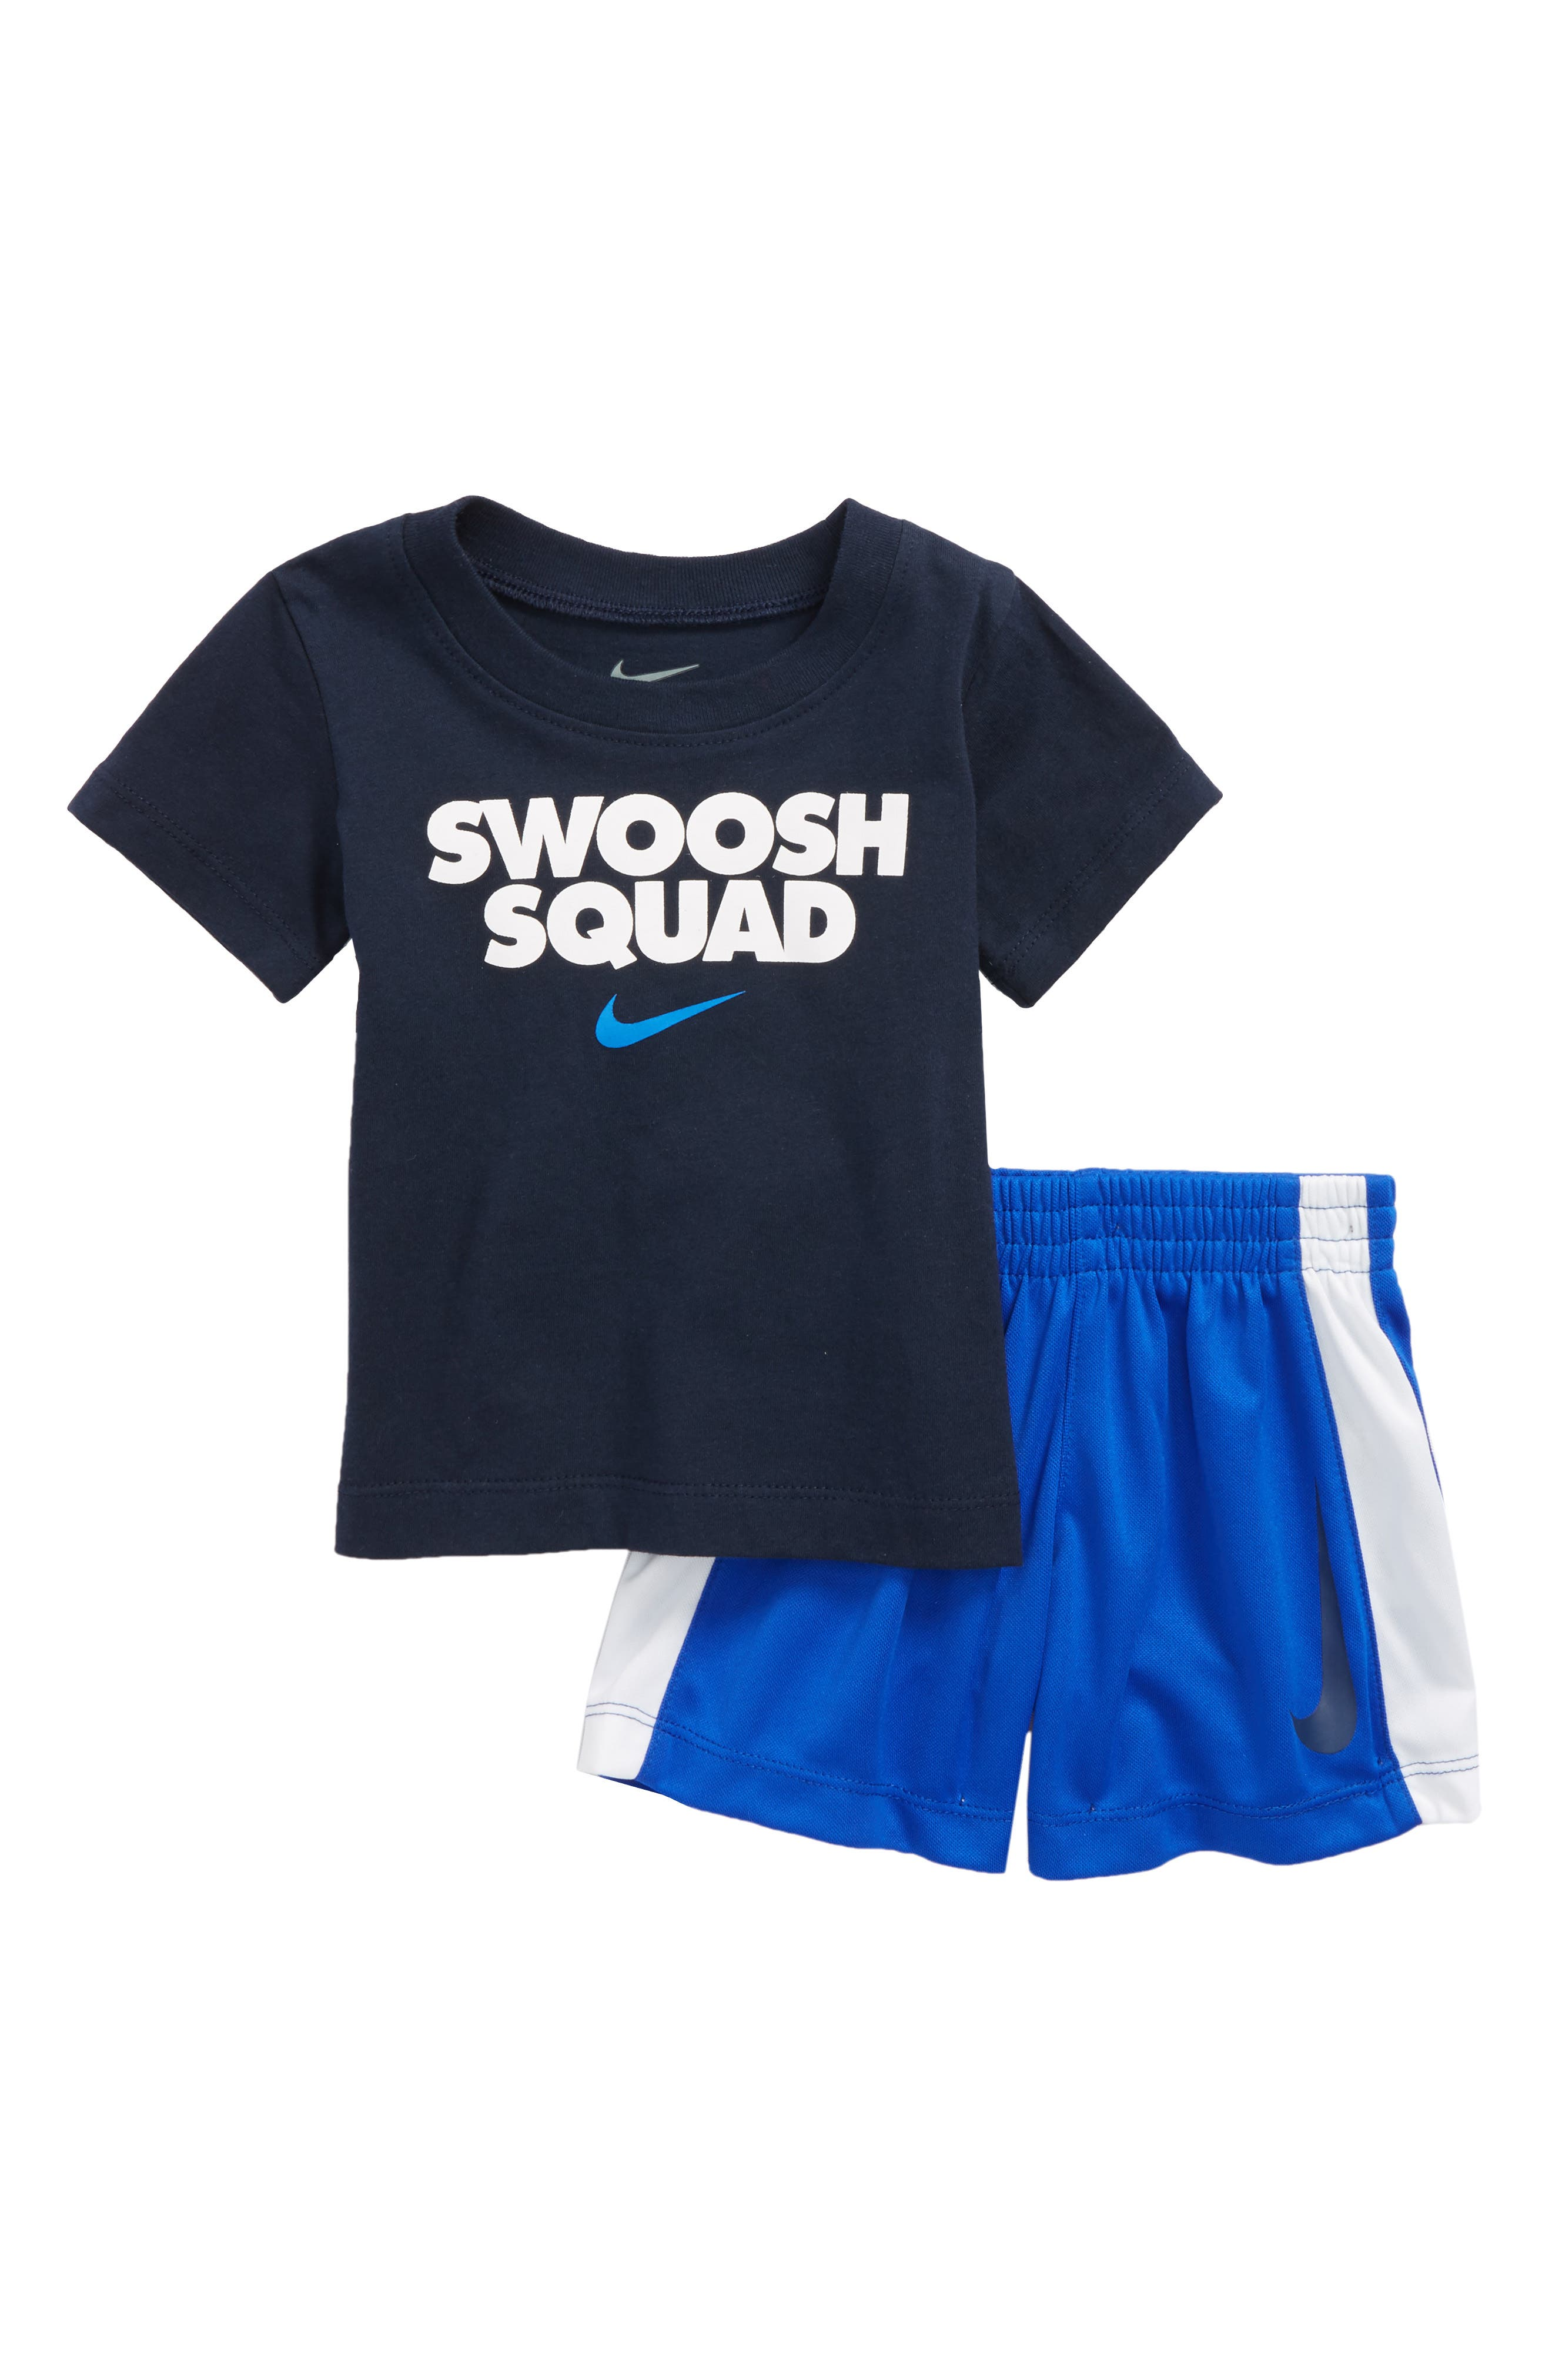 Swoosh Squad T-Shirt & Shorts Set,                             Main thumbnail 1, color,                             434